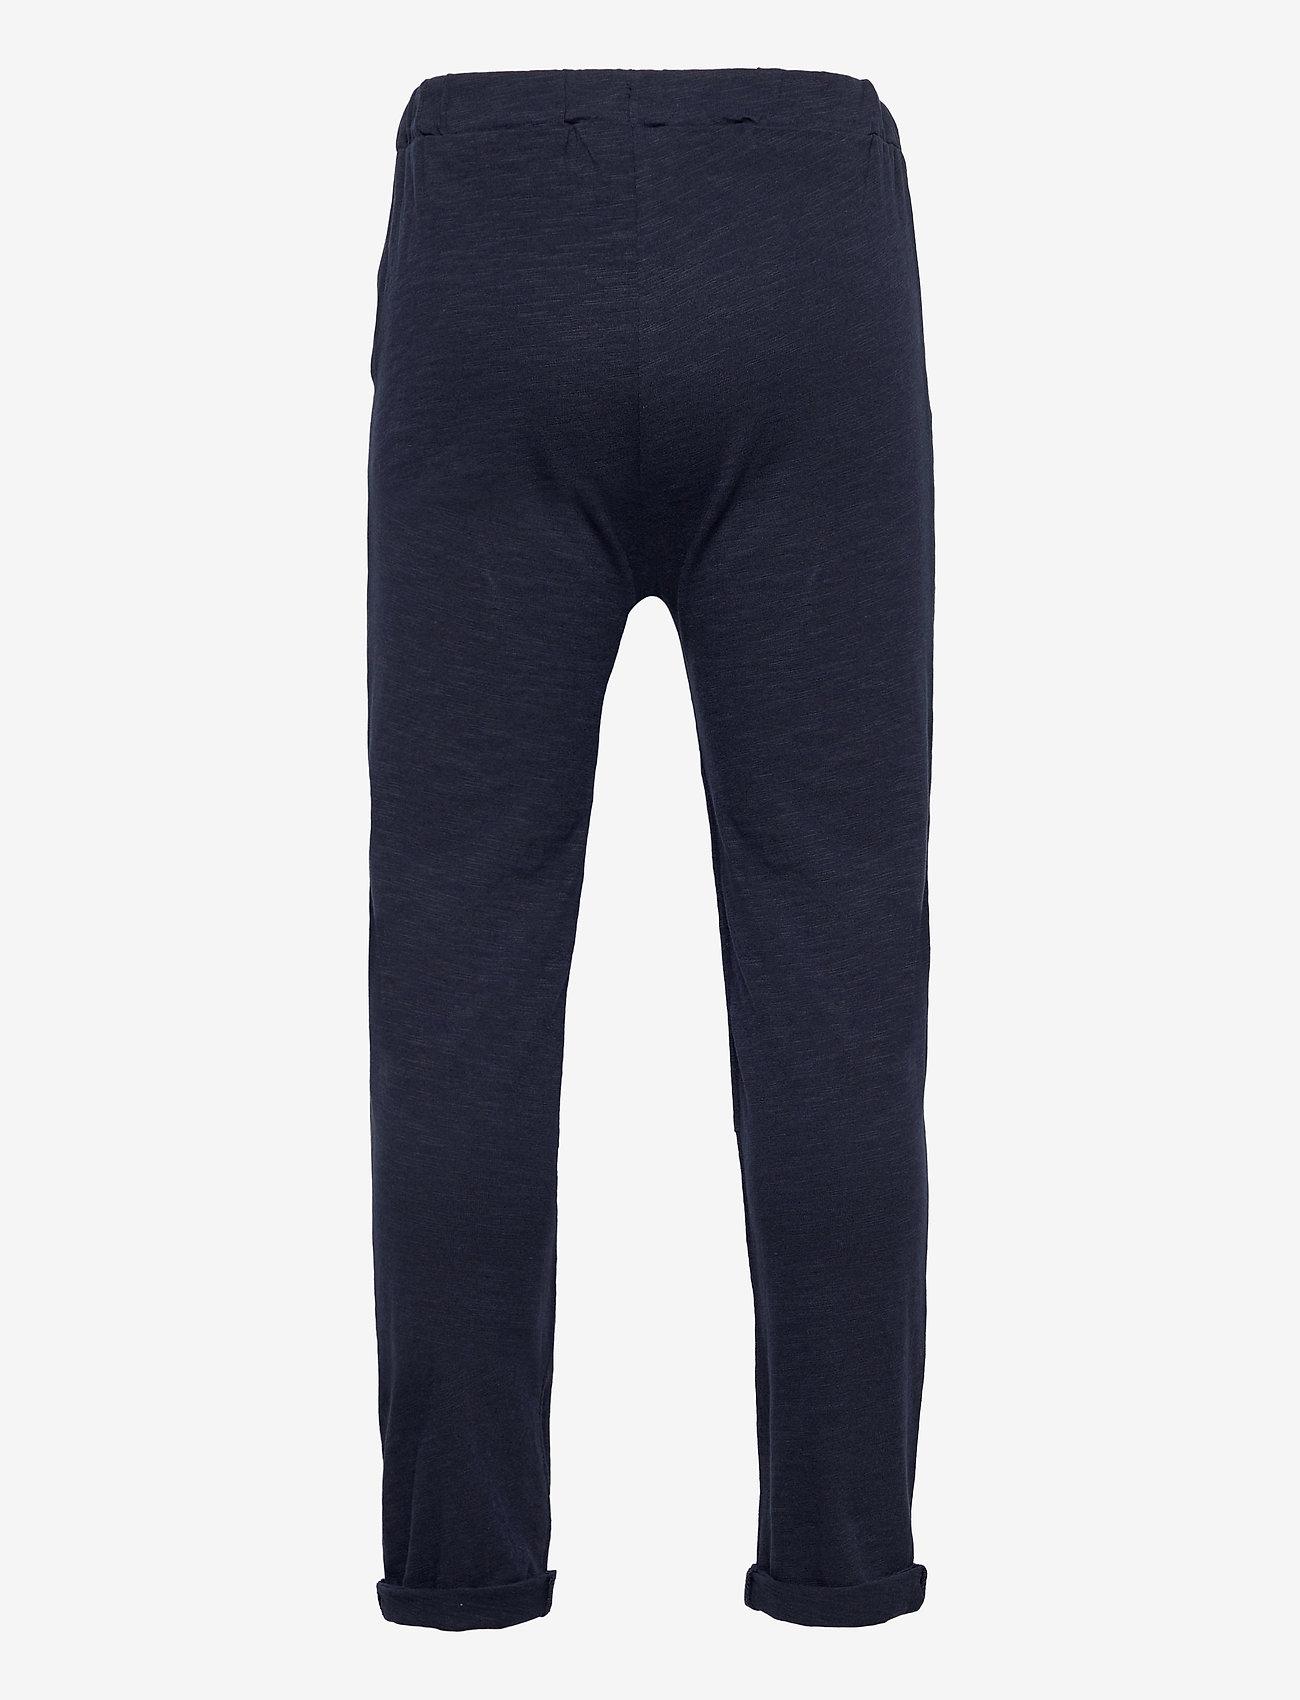 Lindex - Thin slub trousers   knee - sweatpants - blue - 1